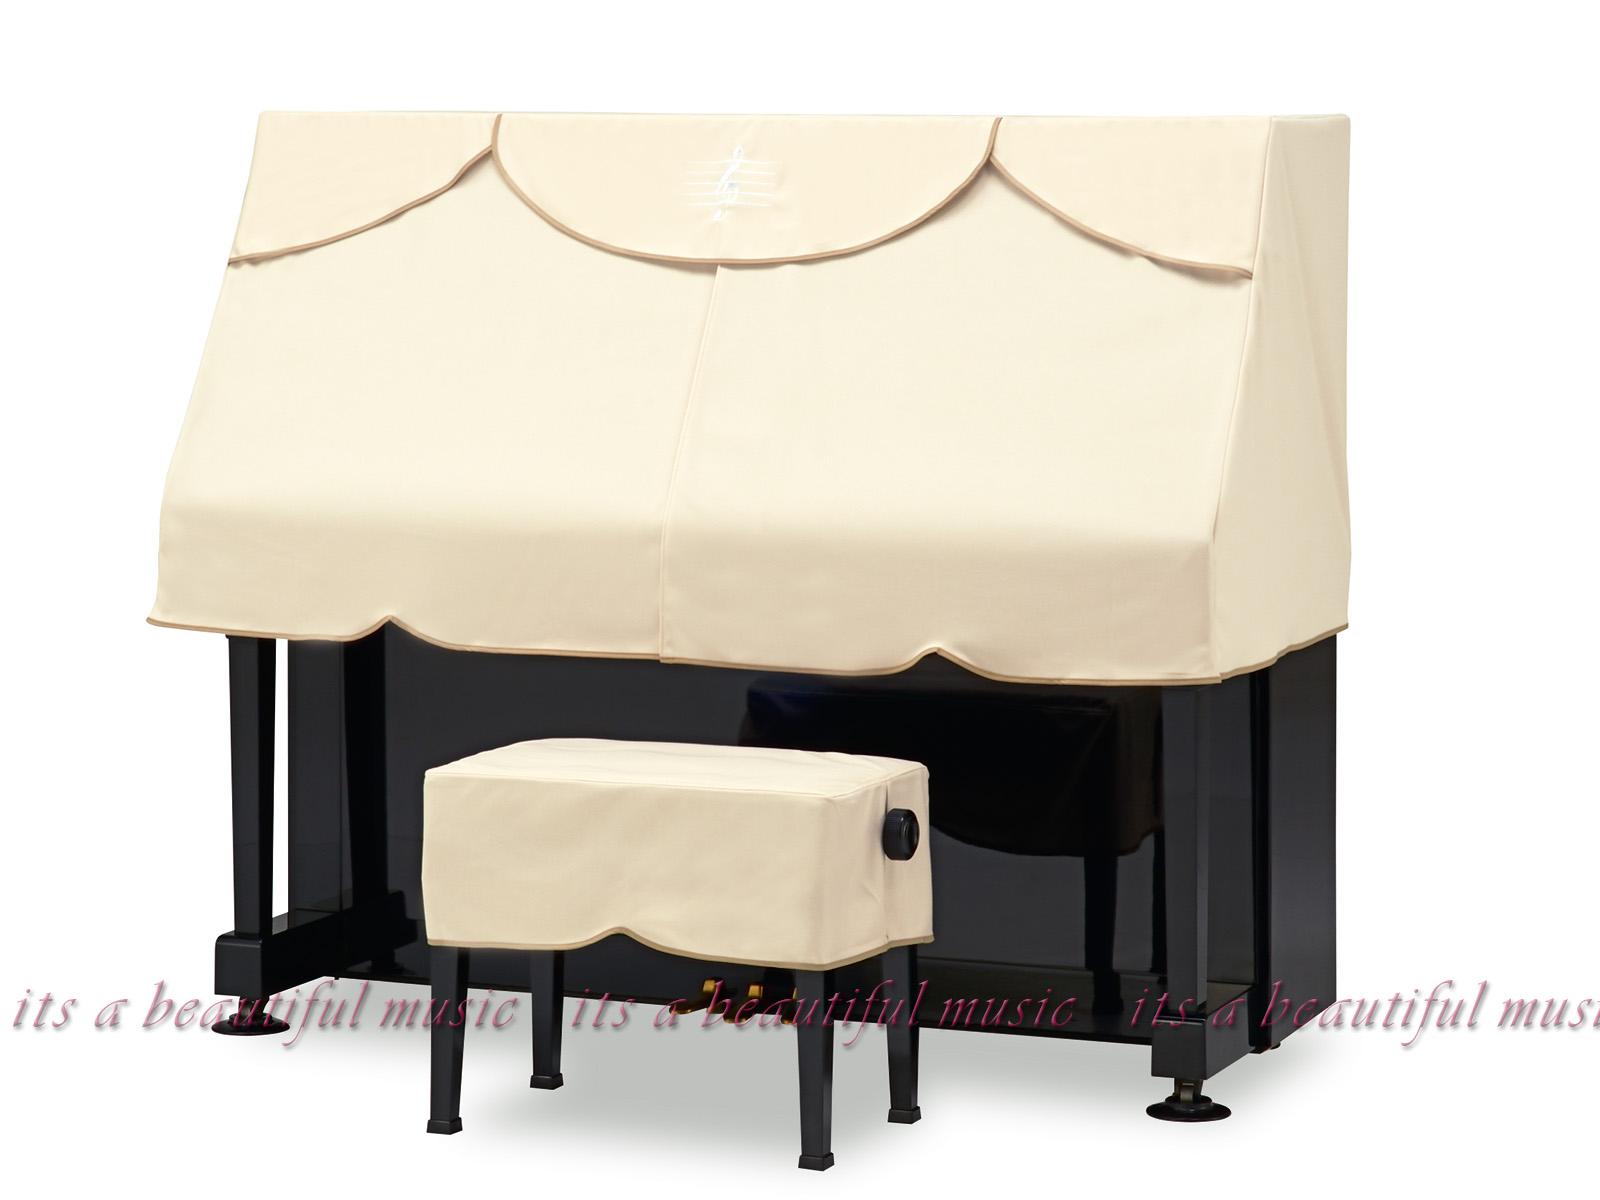 【its】レビューでもれなく高級クロス同梱!アップライトピアノカバー(ハーフカバー) 吉澤PC-440BE「ワンポイントにト音記号の刺繍」【S~M兼用タイプ】(ヨシザワ440BEシリーズ)